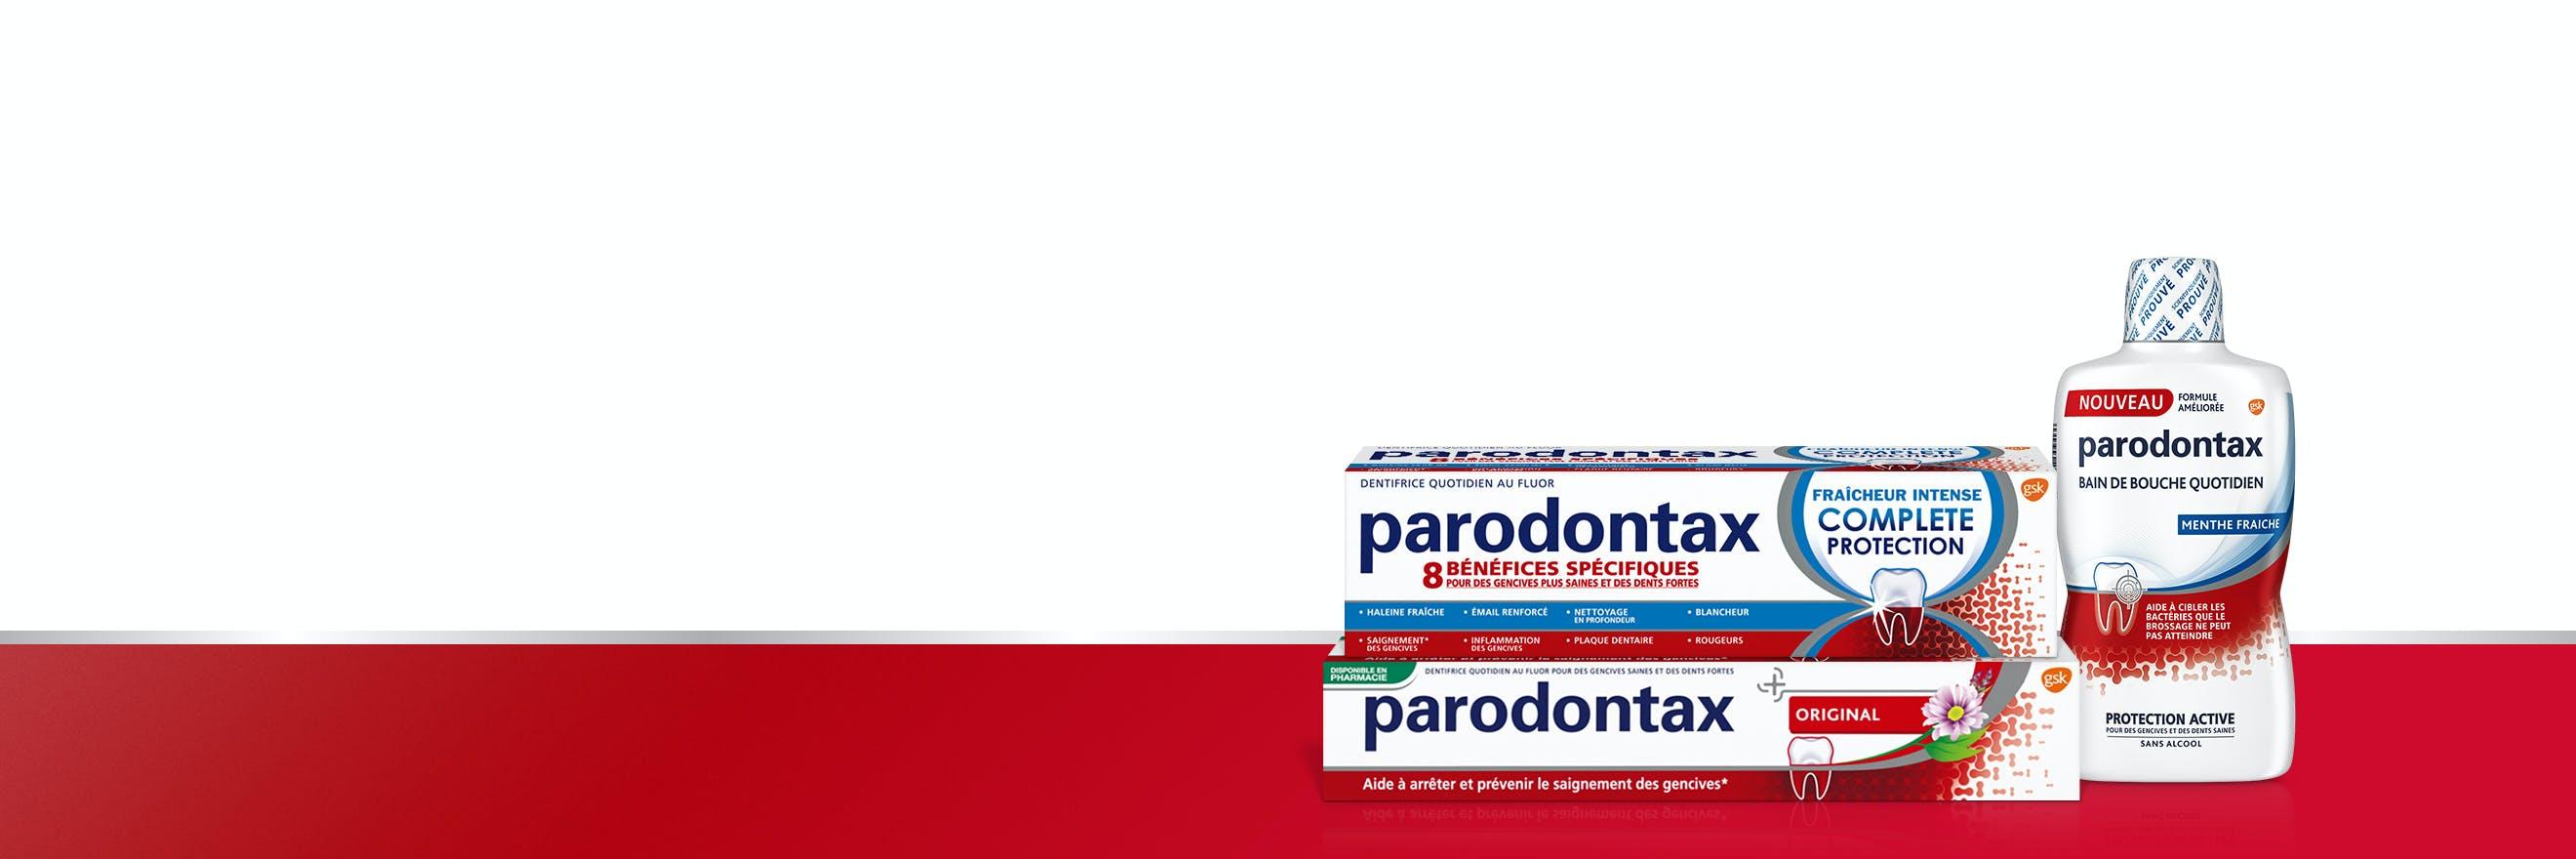 Gamme de dentifrices et bain de bouche parodontax pour aider à arrêter et prévenir le saignement occasionnel des gencives.